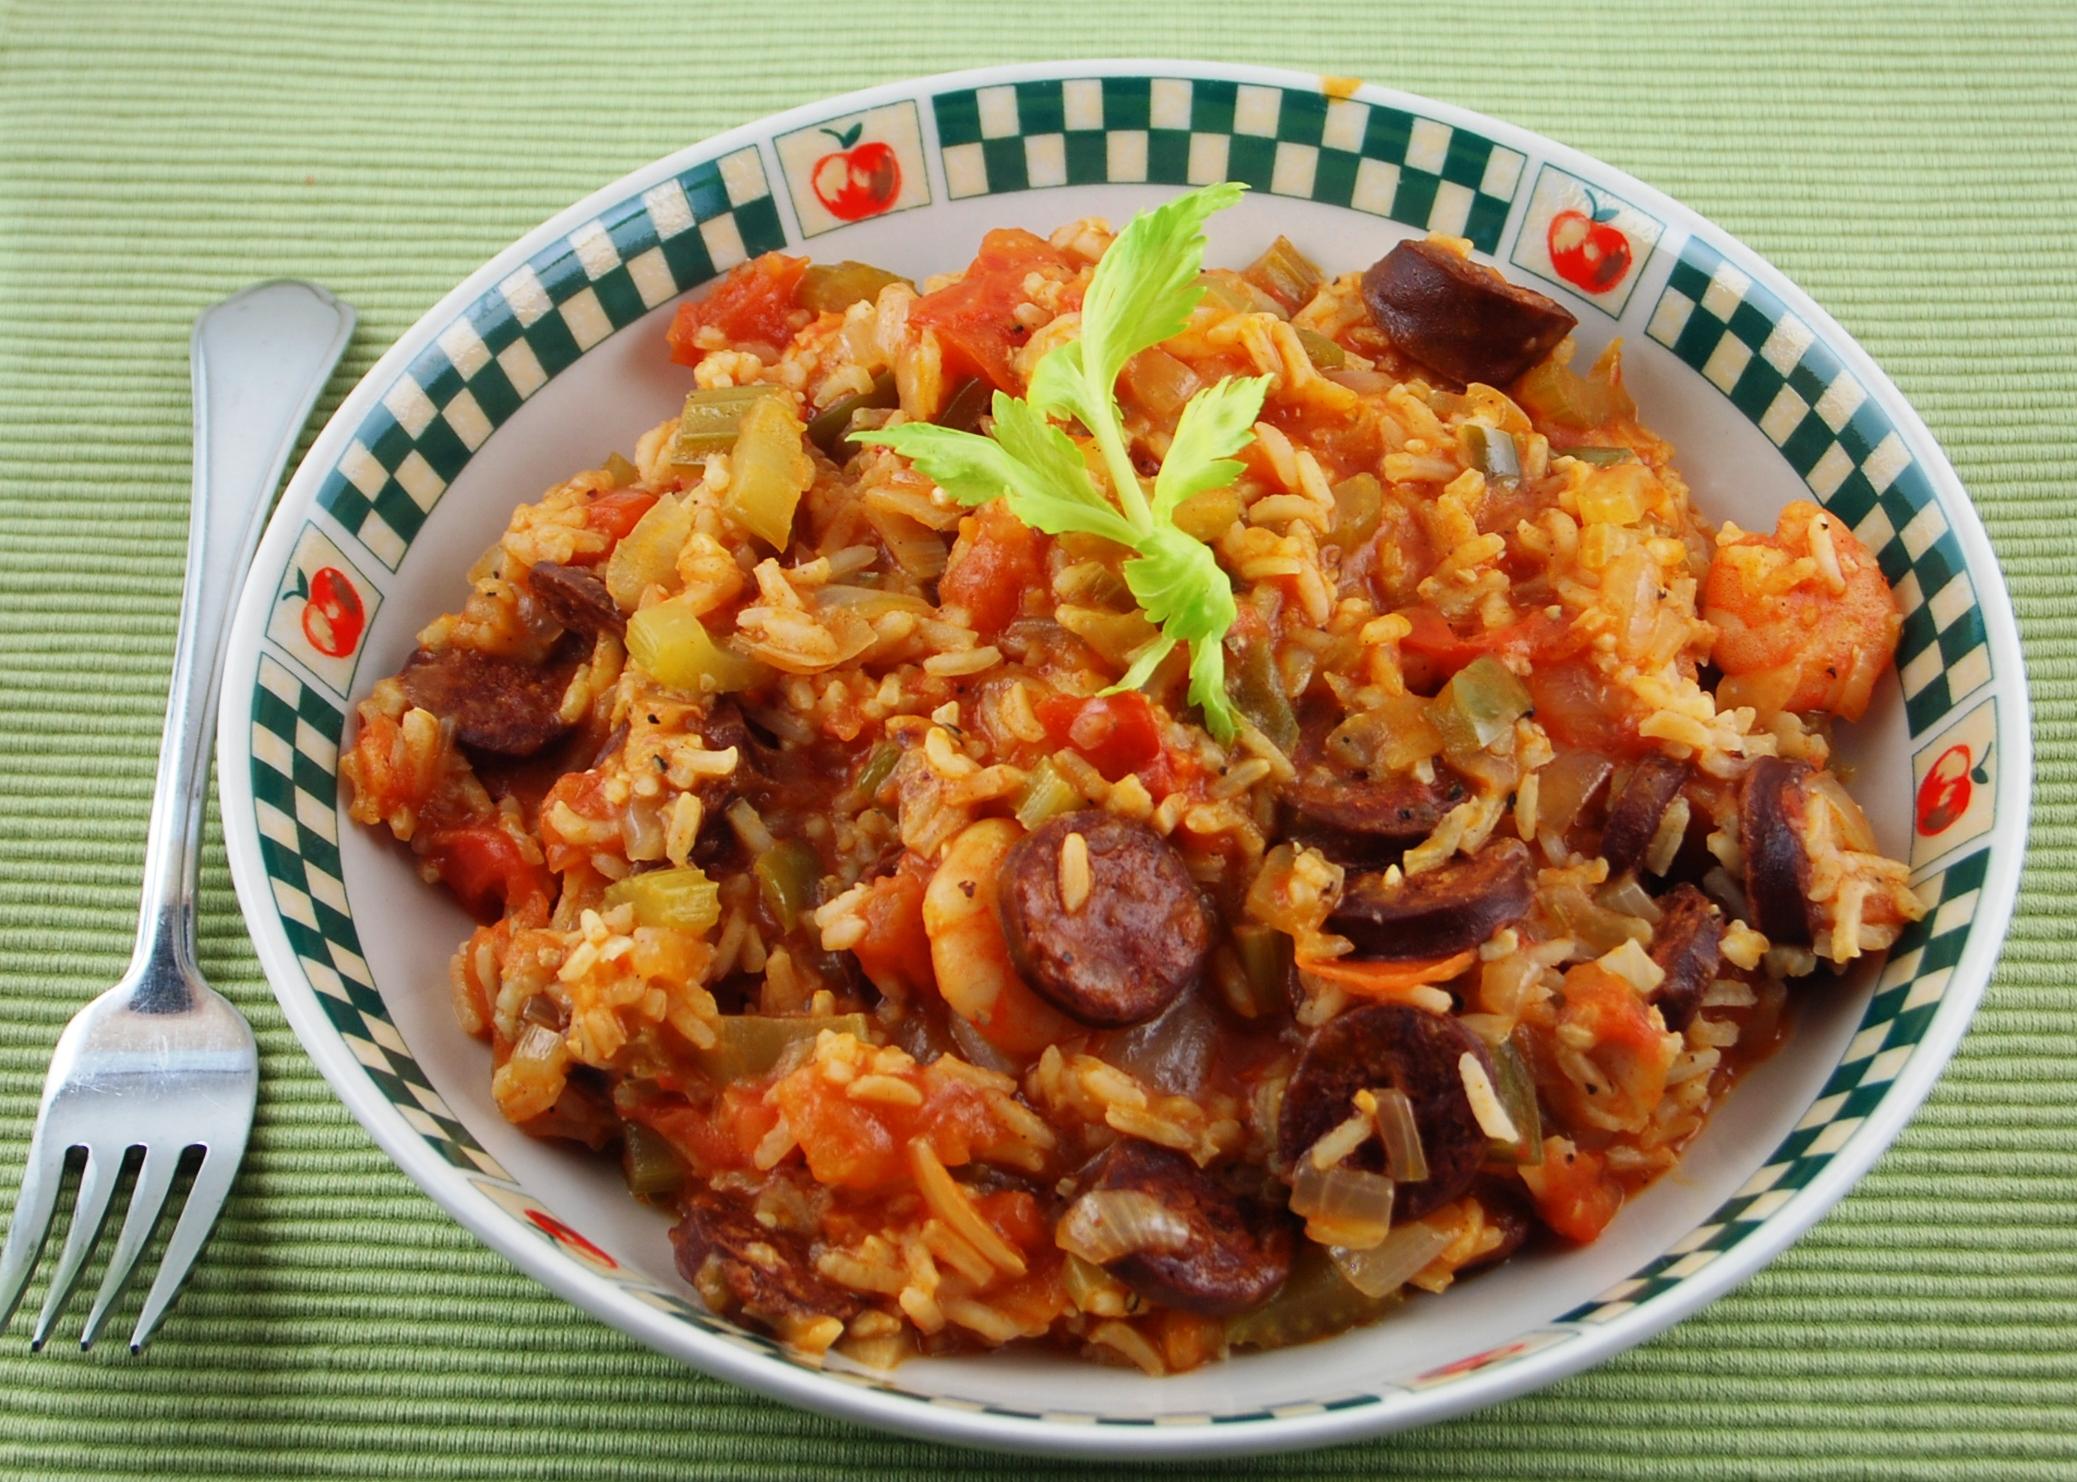 Cooks.com - Recipes - Seafood Jambalaya